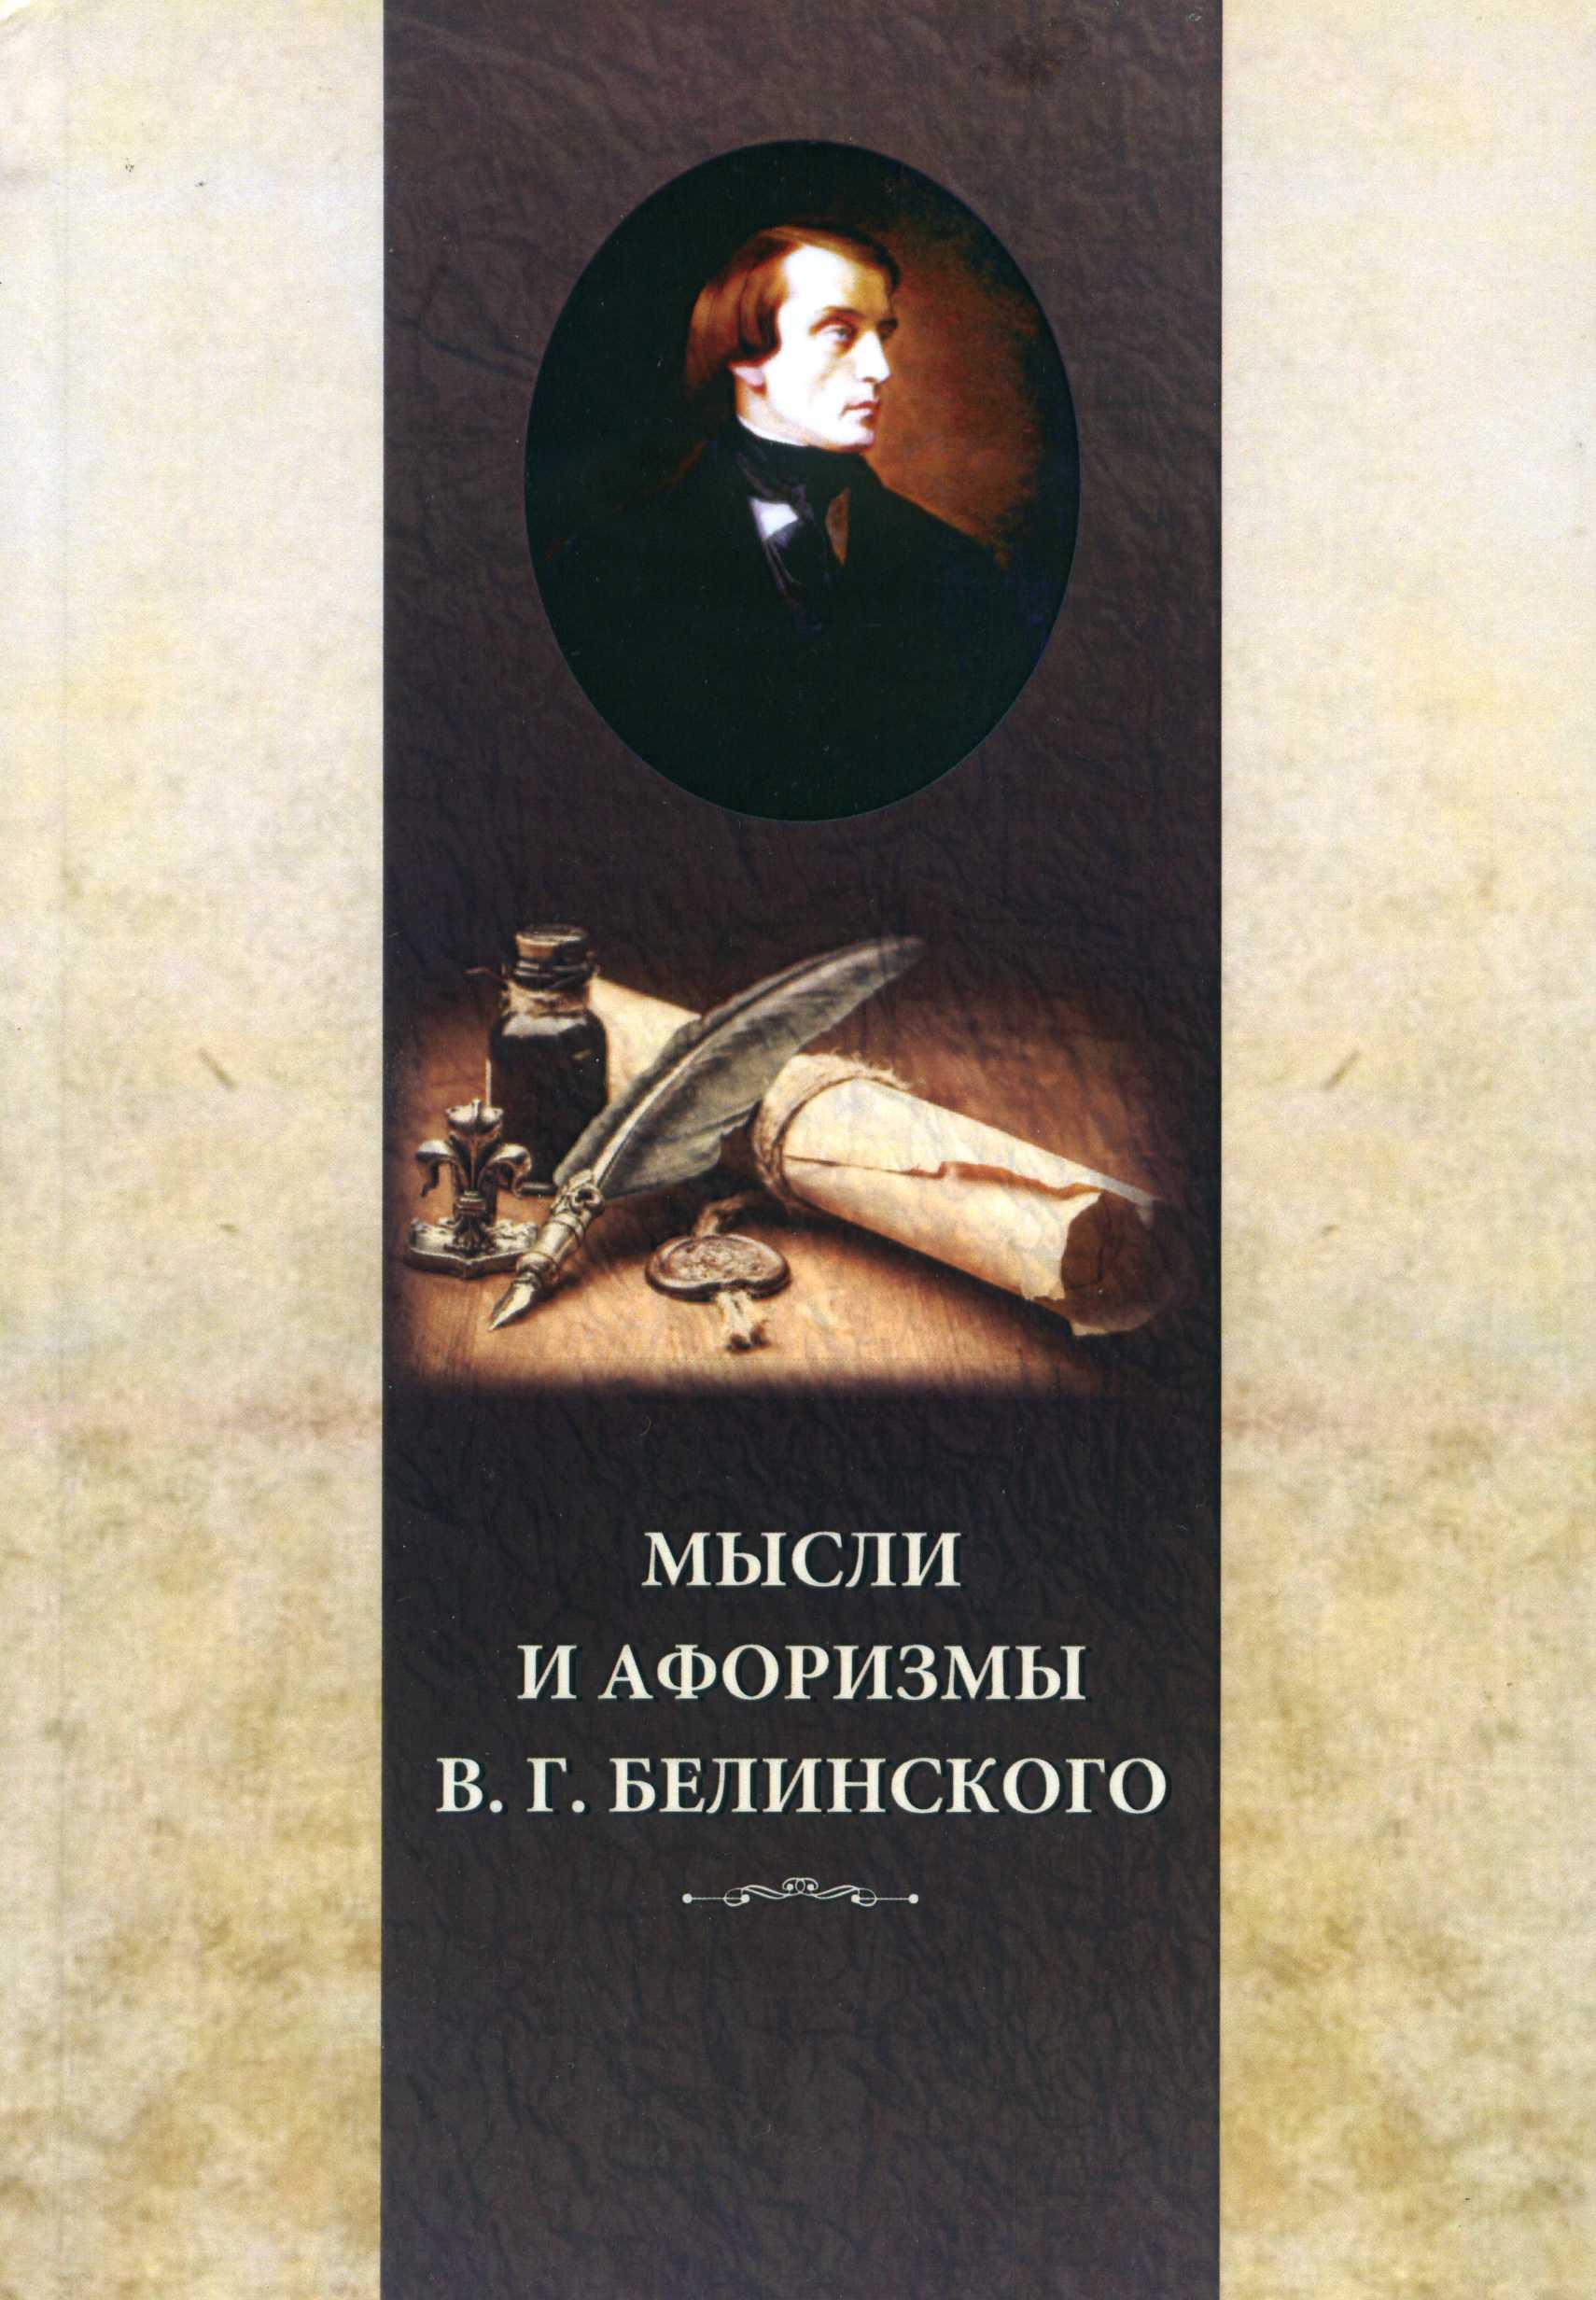 Обложка книги Мысли и афоризмы В.Г.Белинского